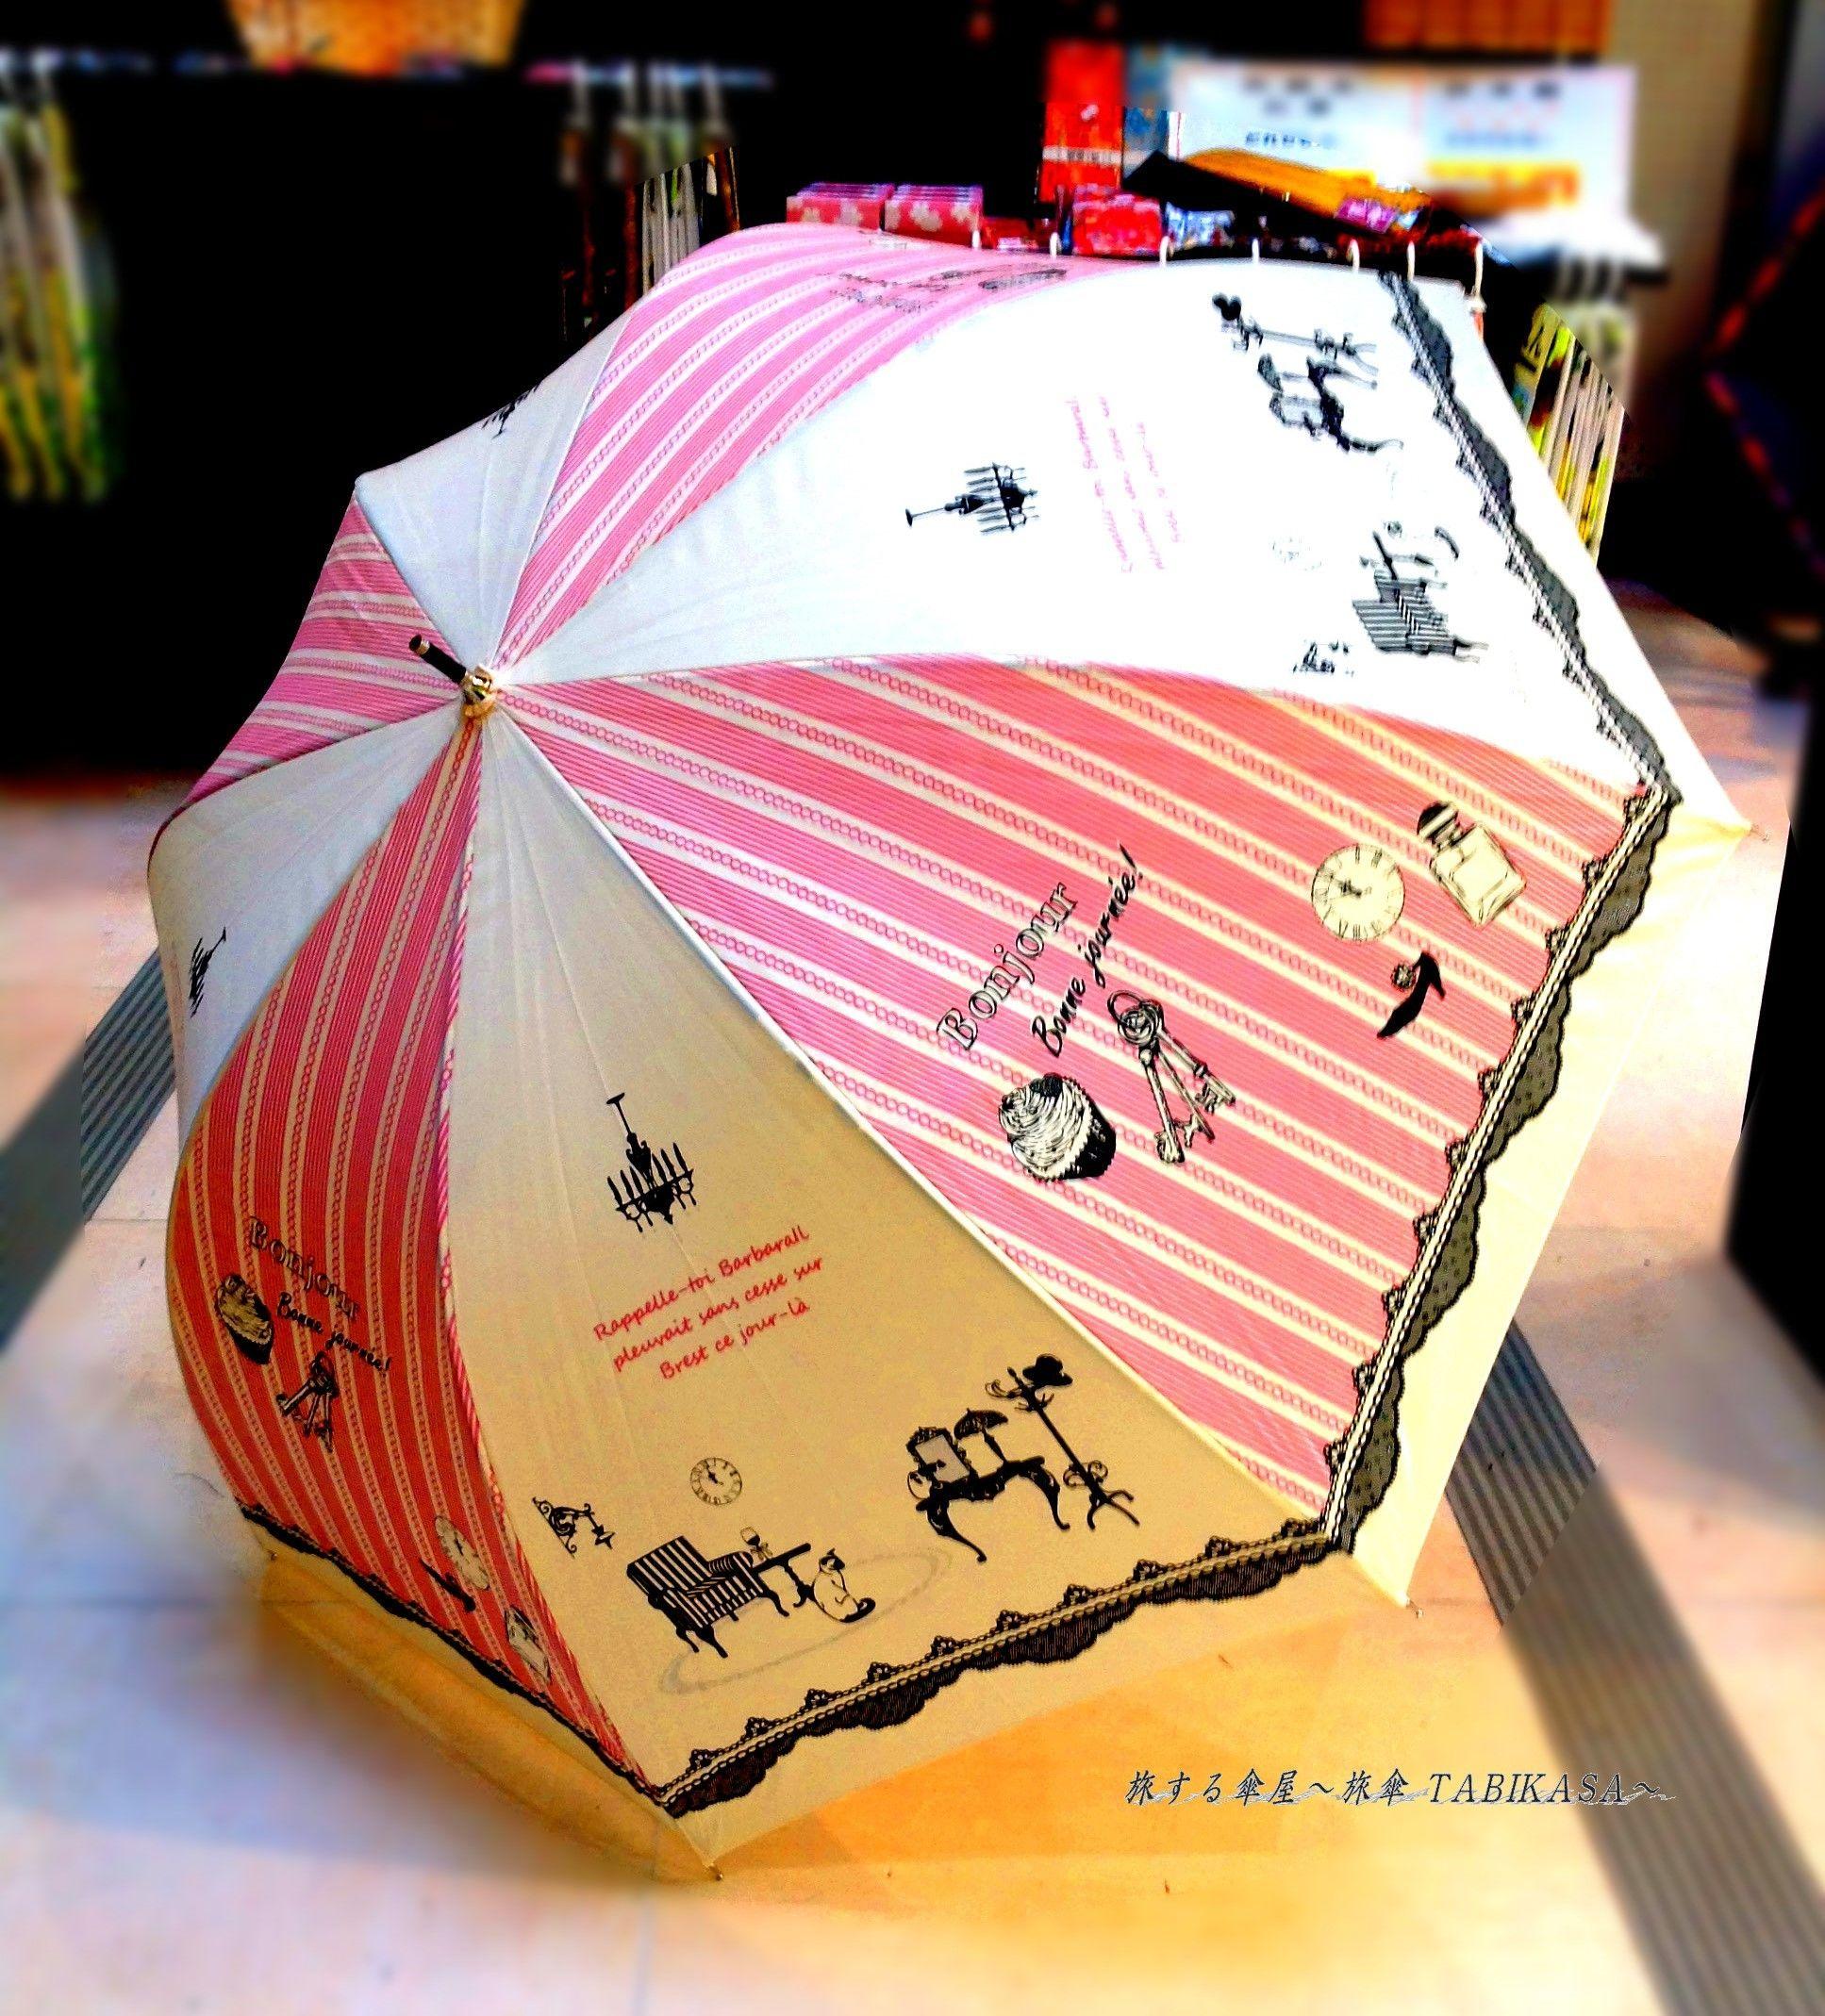 【2019年4月入荷】ドーム型 傘専門店 通販 東京 雨傘 人気レディース ワンタッチ ジャンプ サビにくい 黒骨 旅傘【ラメ Interior Pink】